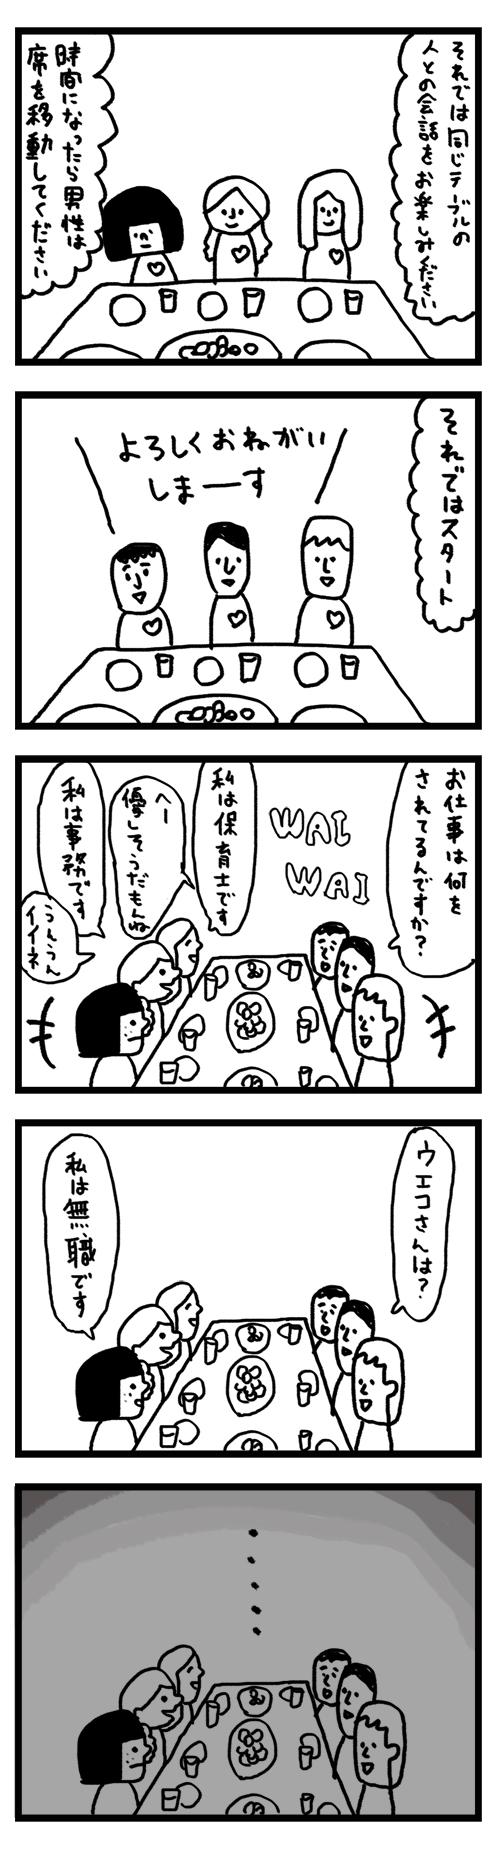 モテないアラサー漫画4